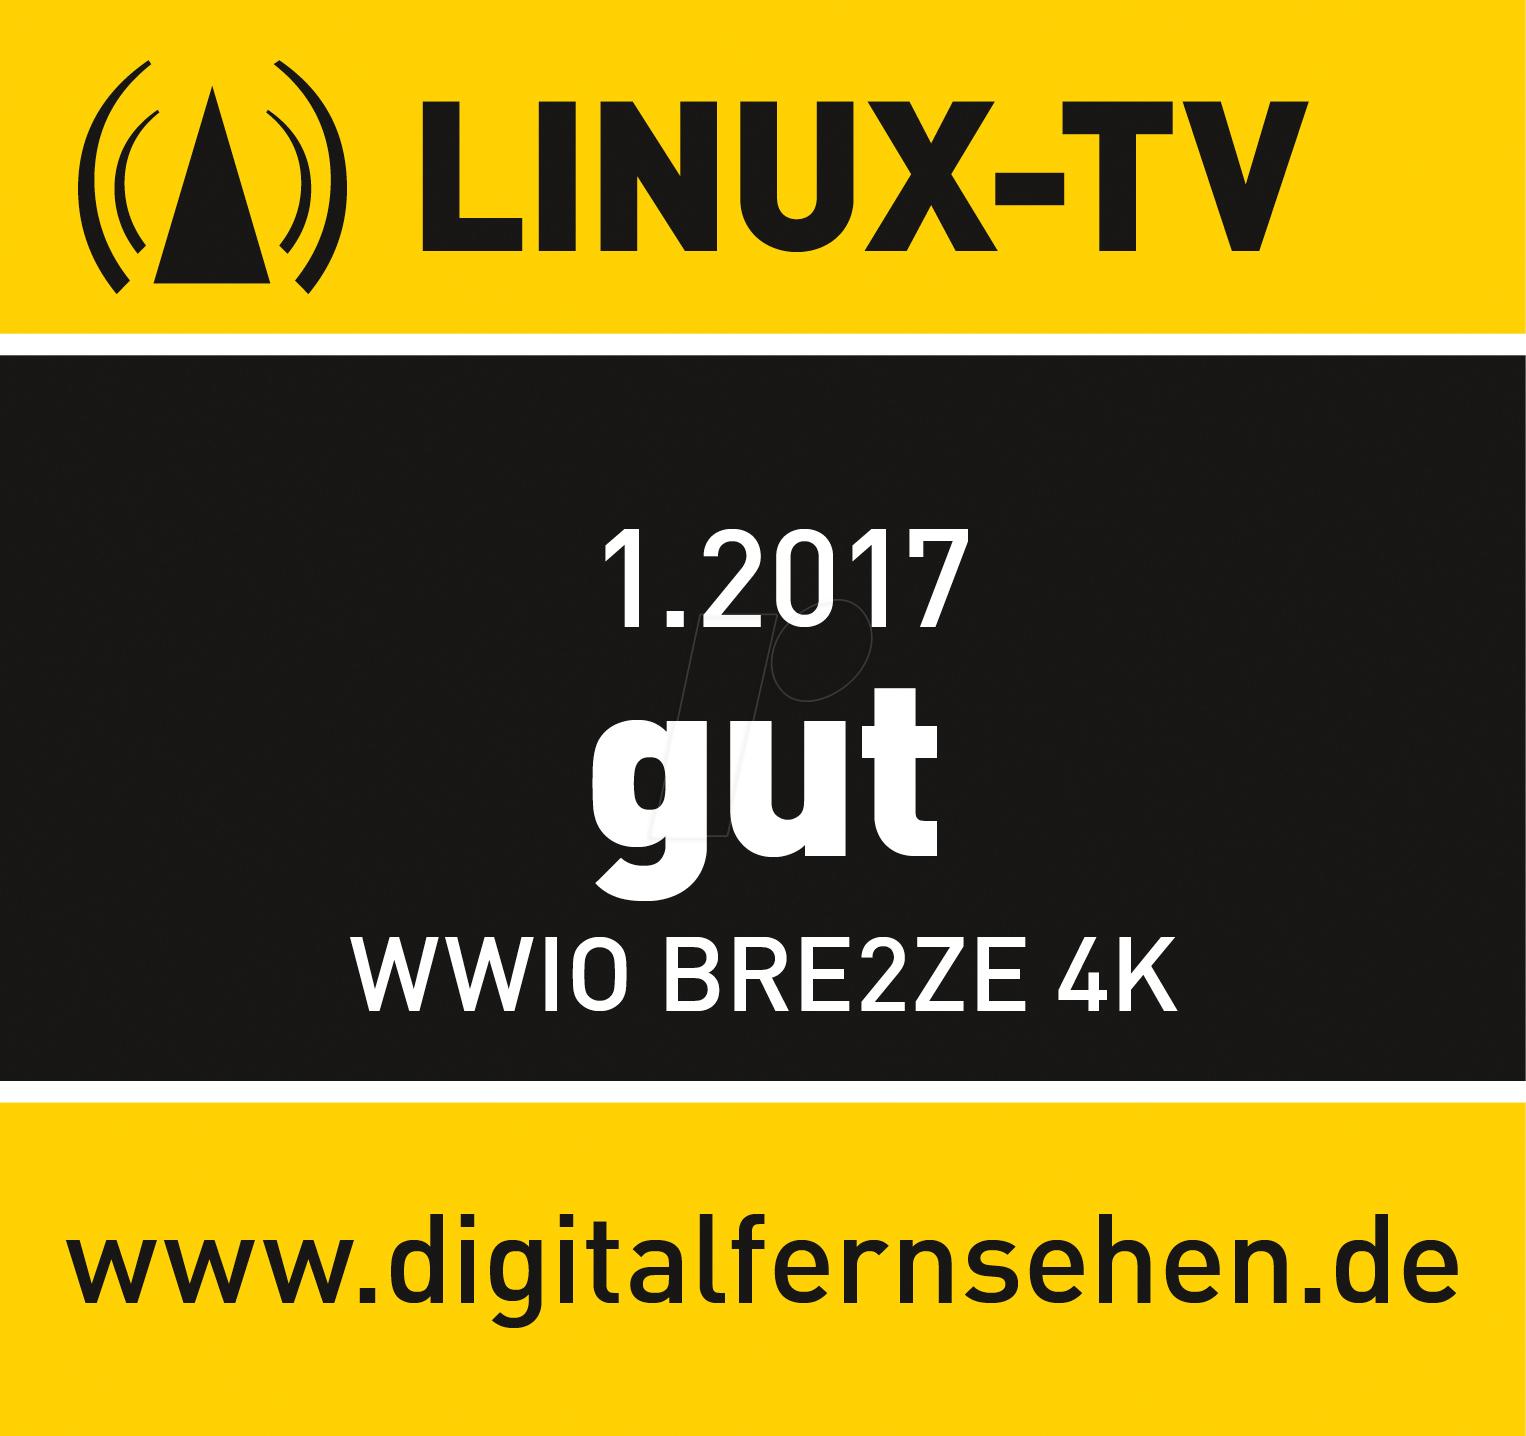 https://cdn-reichelt.de/bilder/web/xxl_ws/F100/WWIO_BRE2ZE-4K_TS_02.png